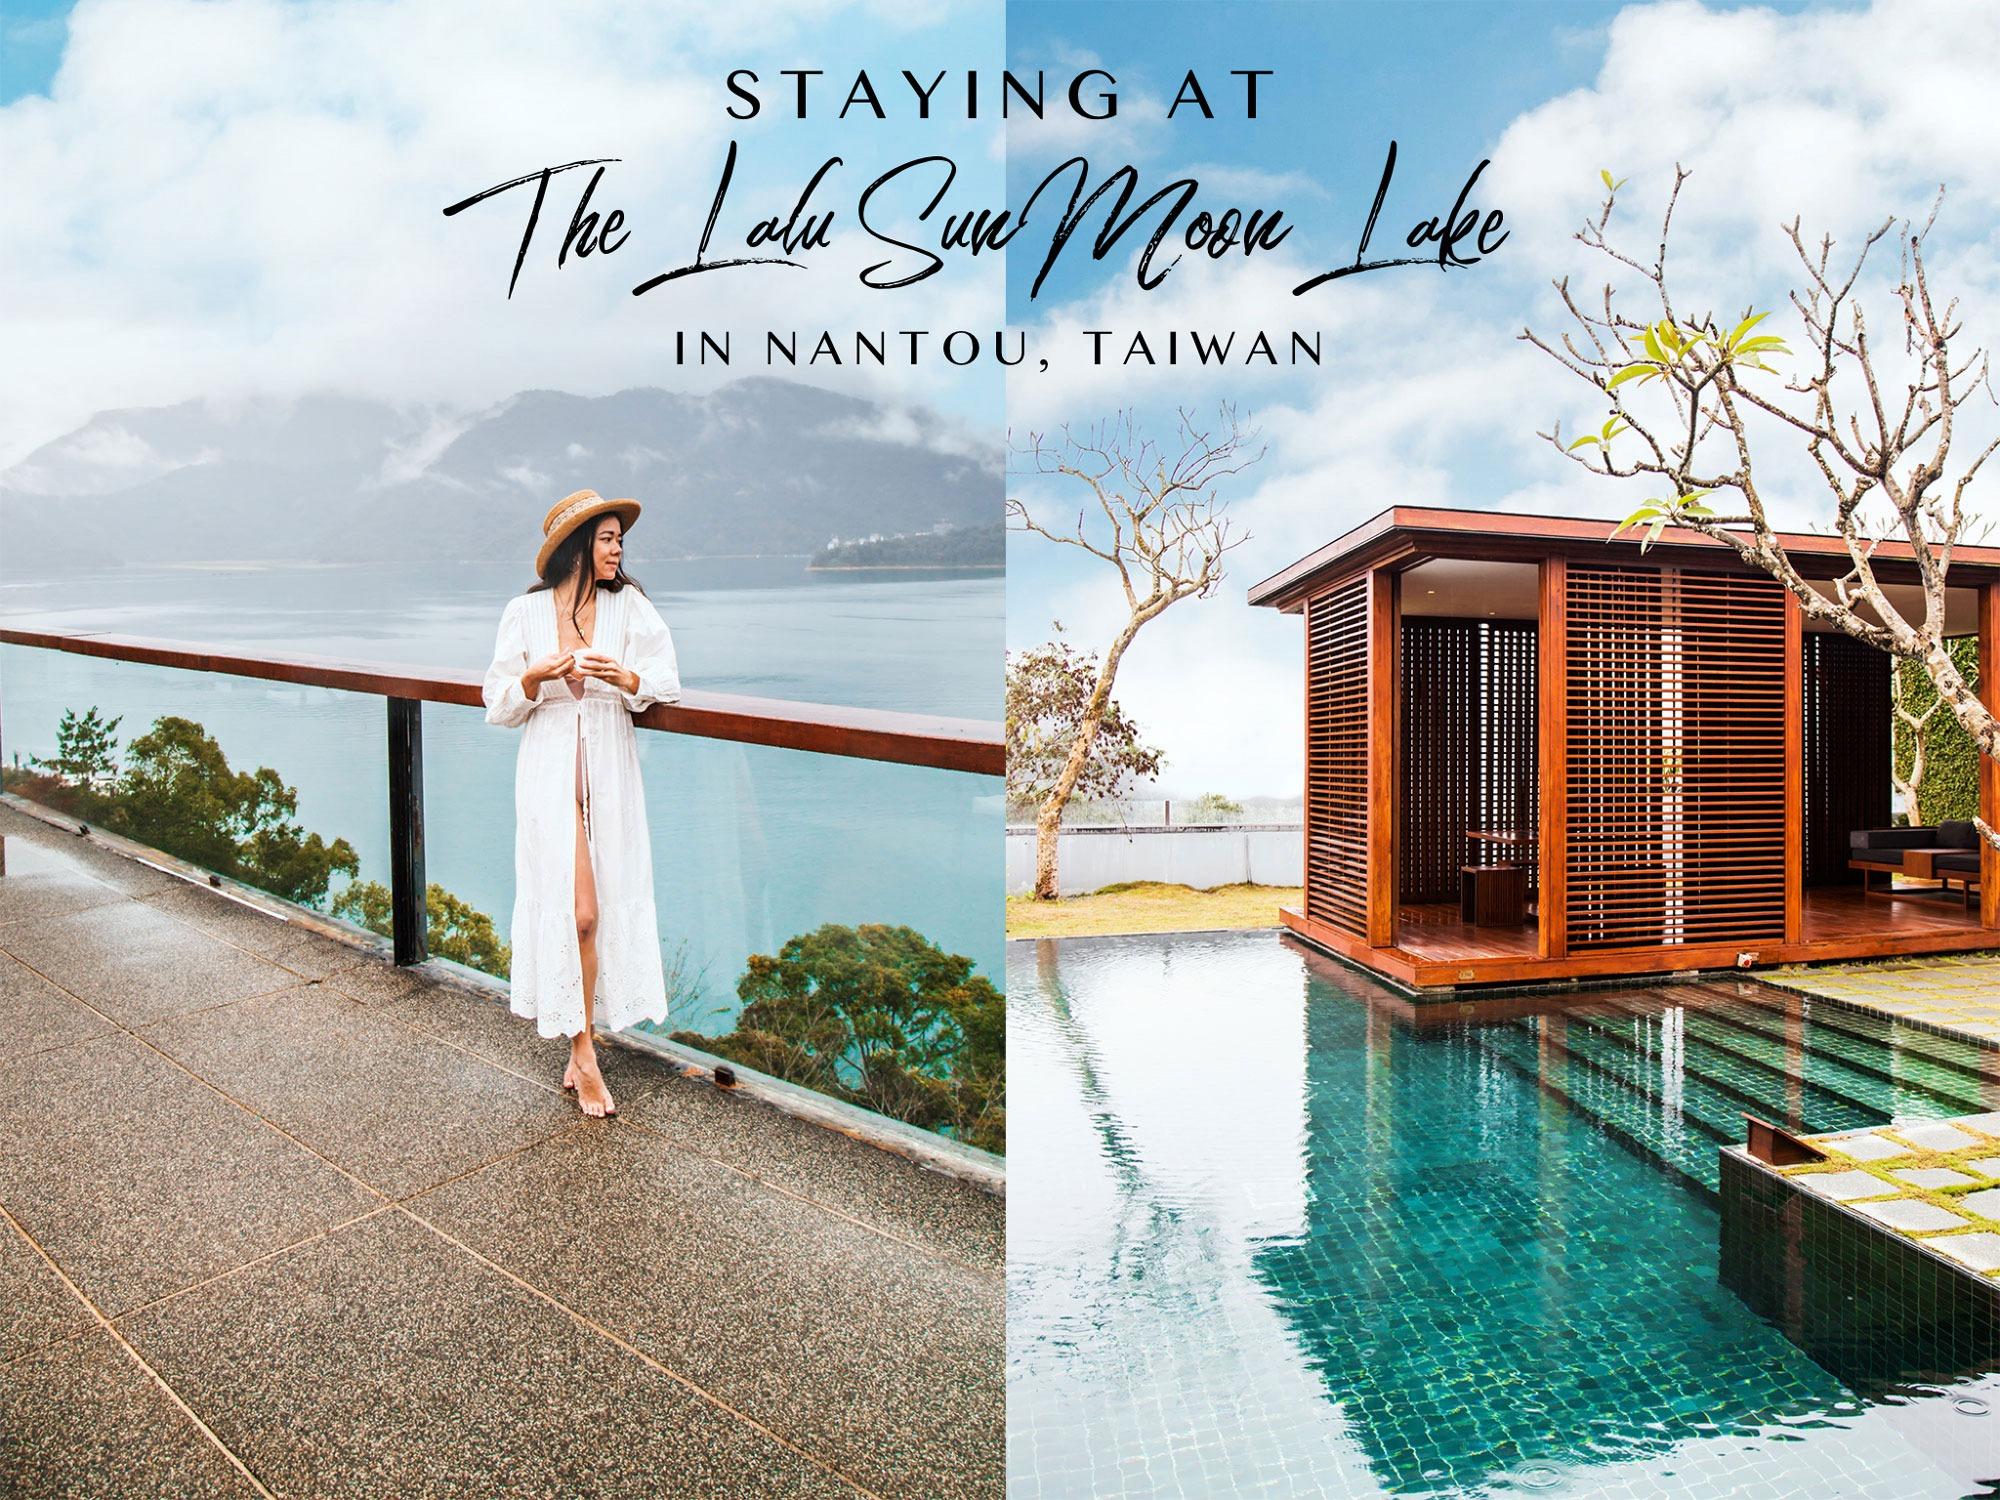 The Lalu Sun Moon Lake Hotel in Nantou Taiwan